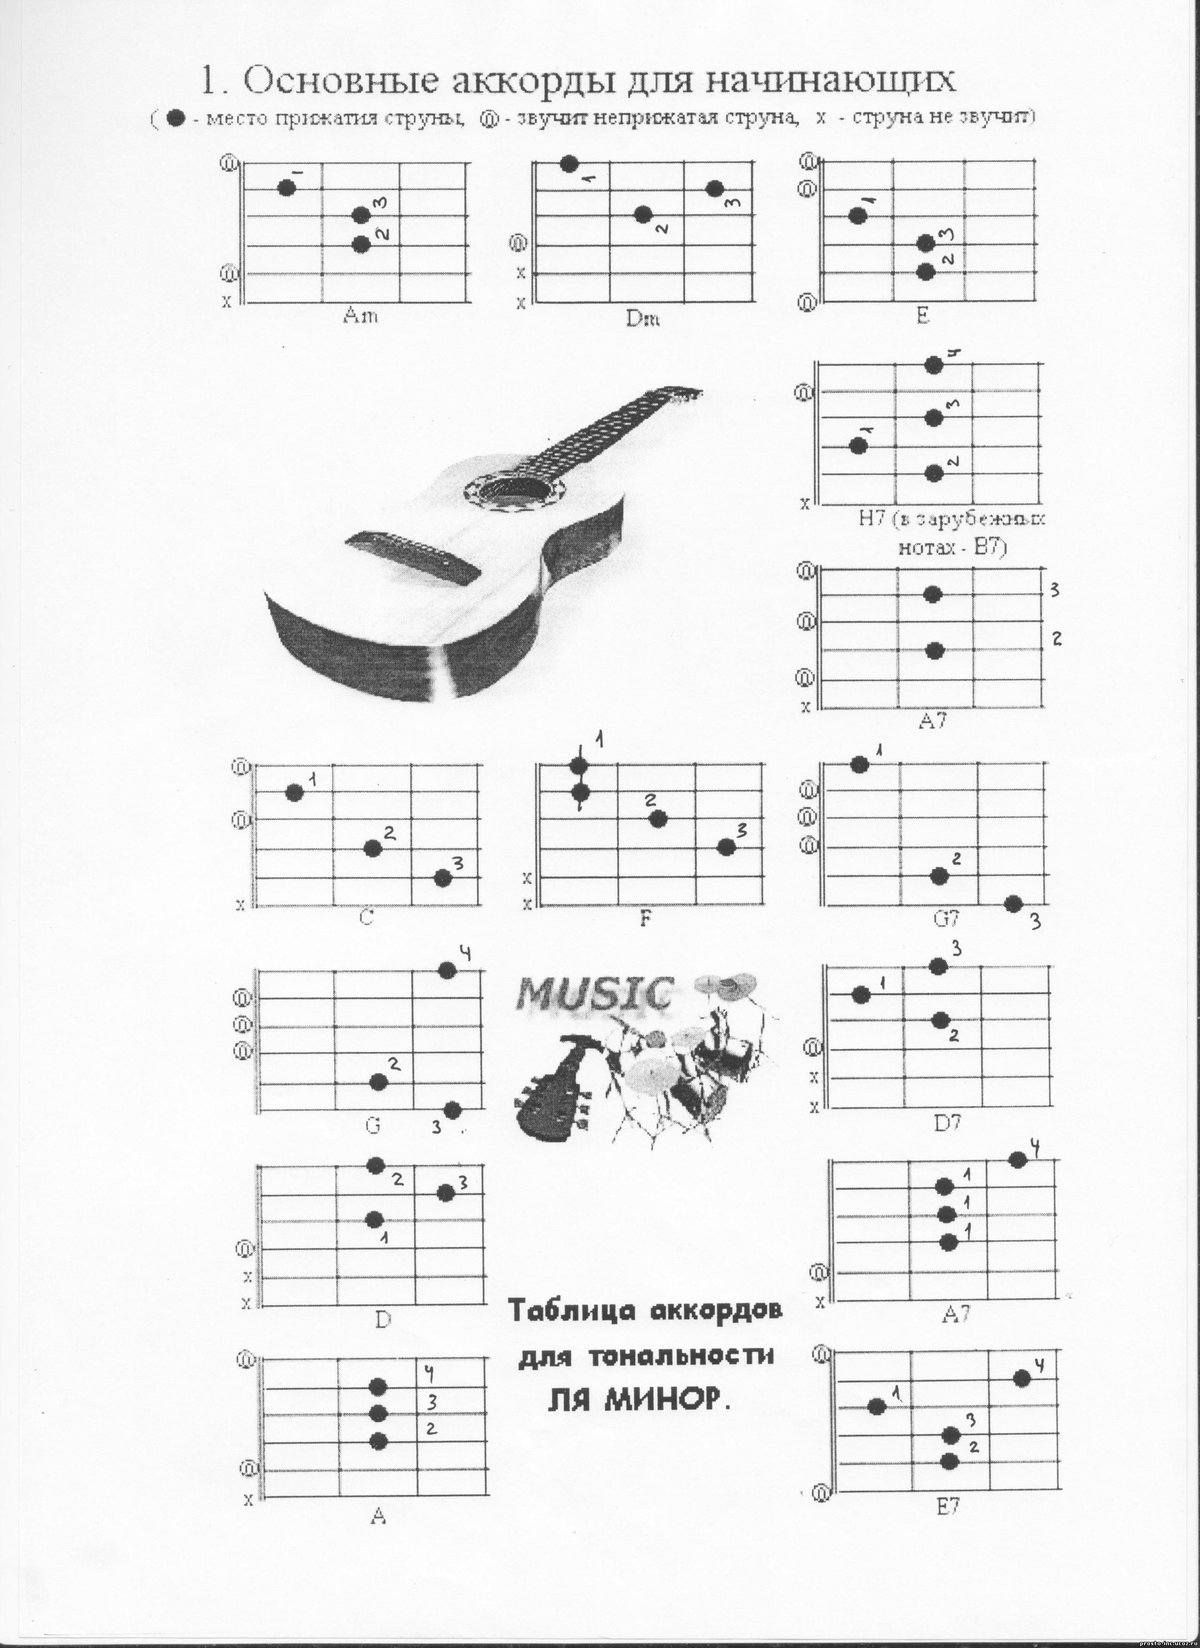 Аккорды в картинках семиструнной гитары